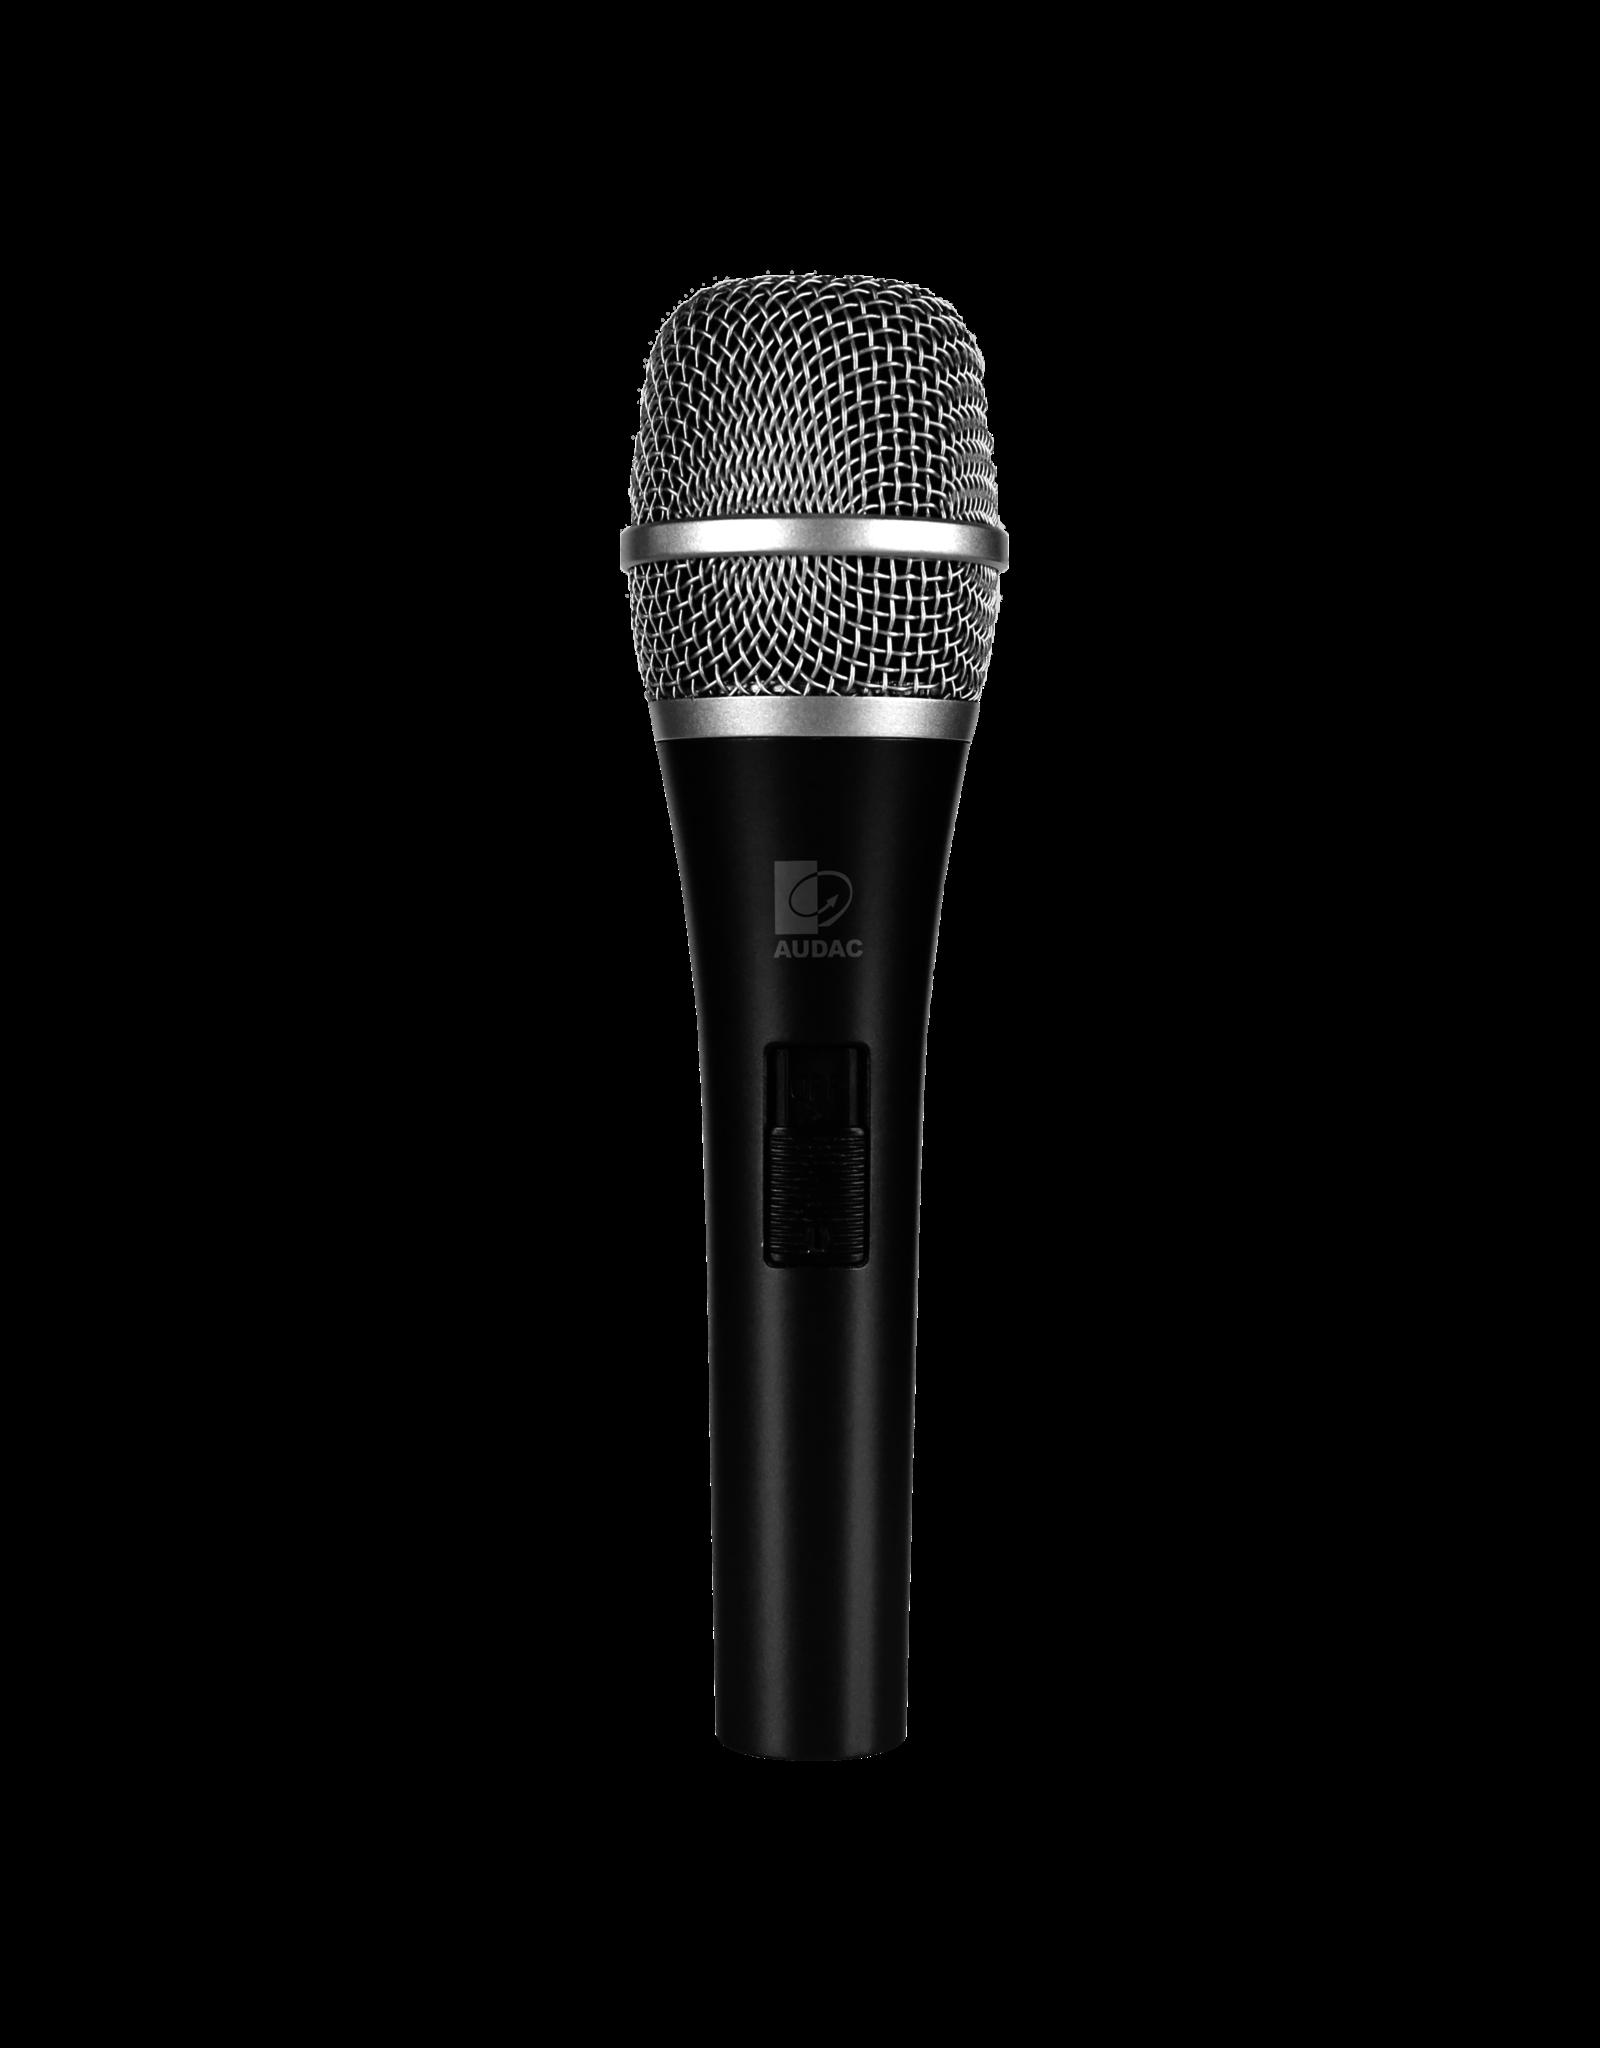 Audac Condenser handheld microphone